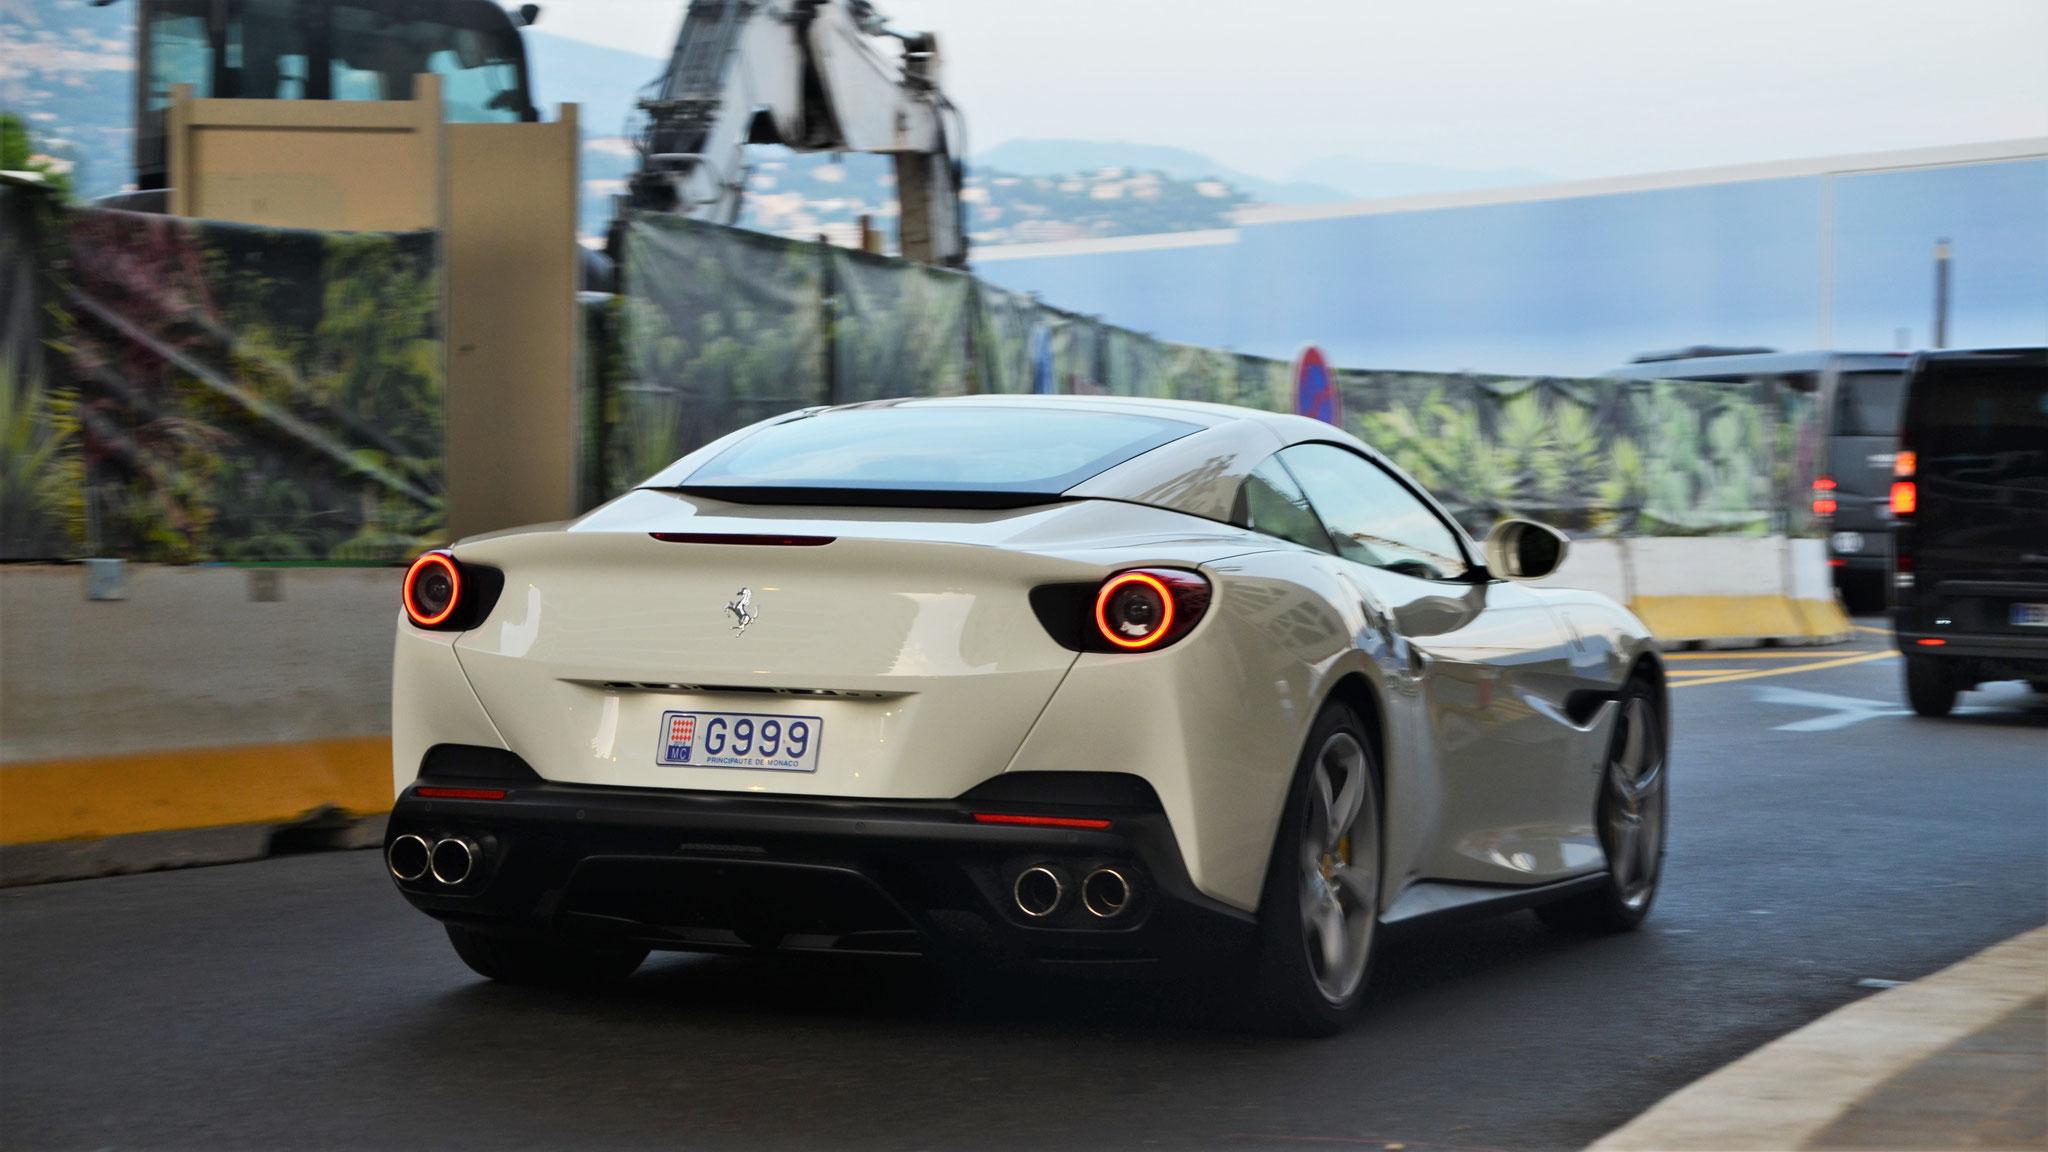 Ferrari Portofino - G999 (MC)